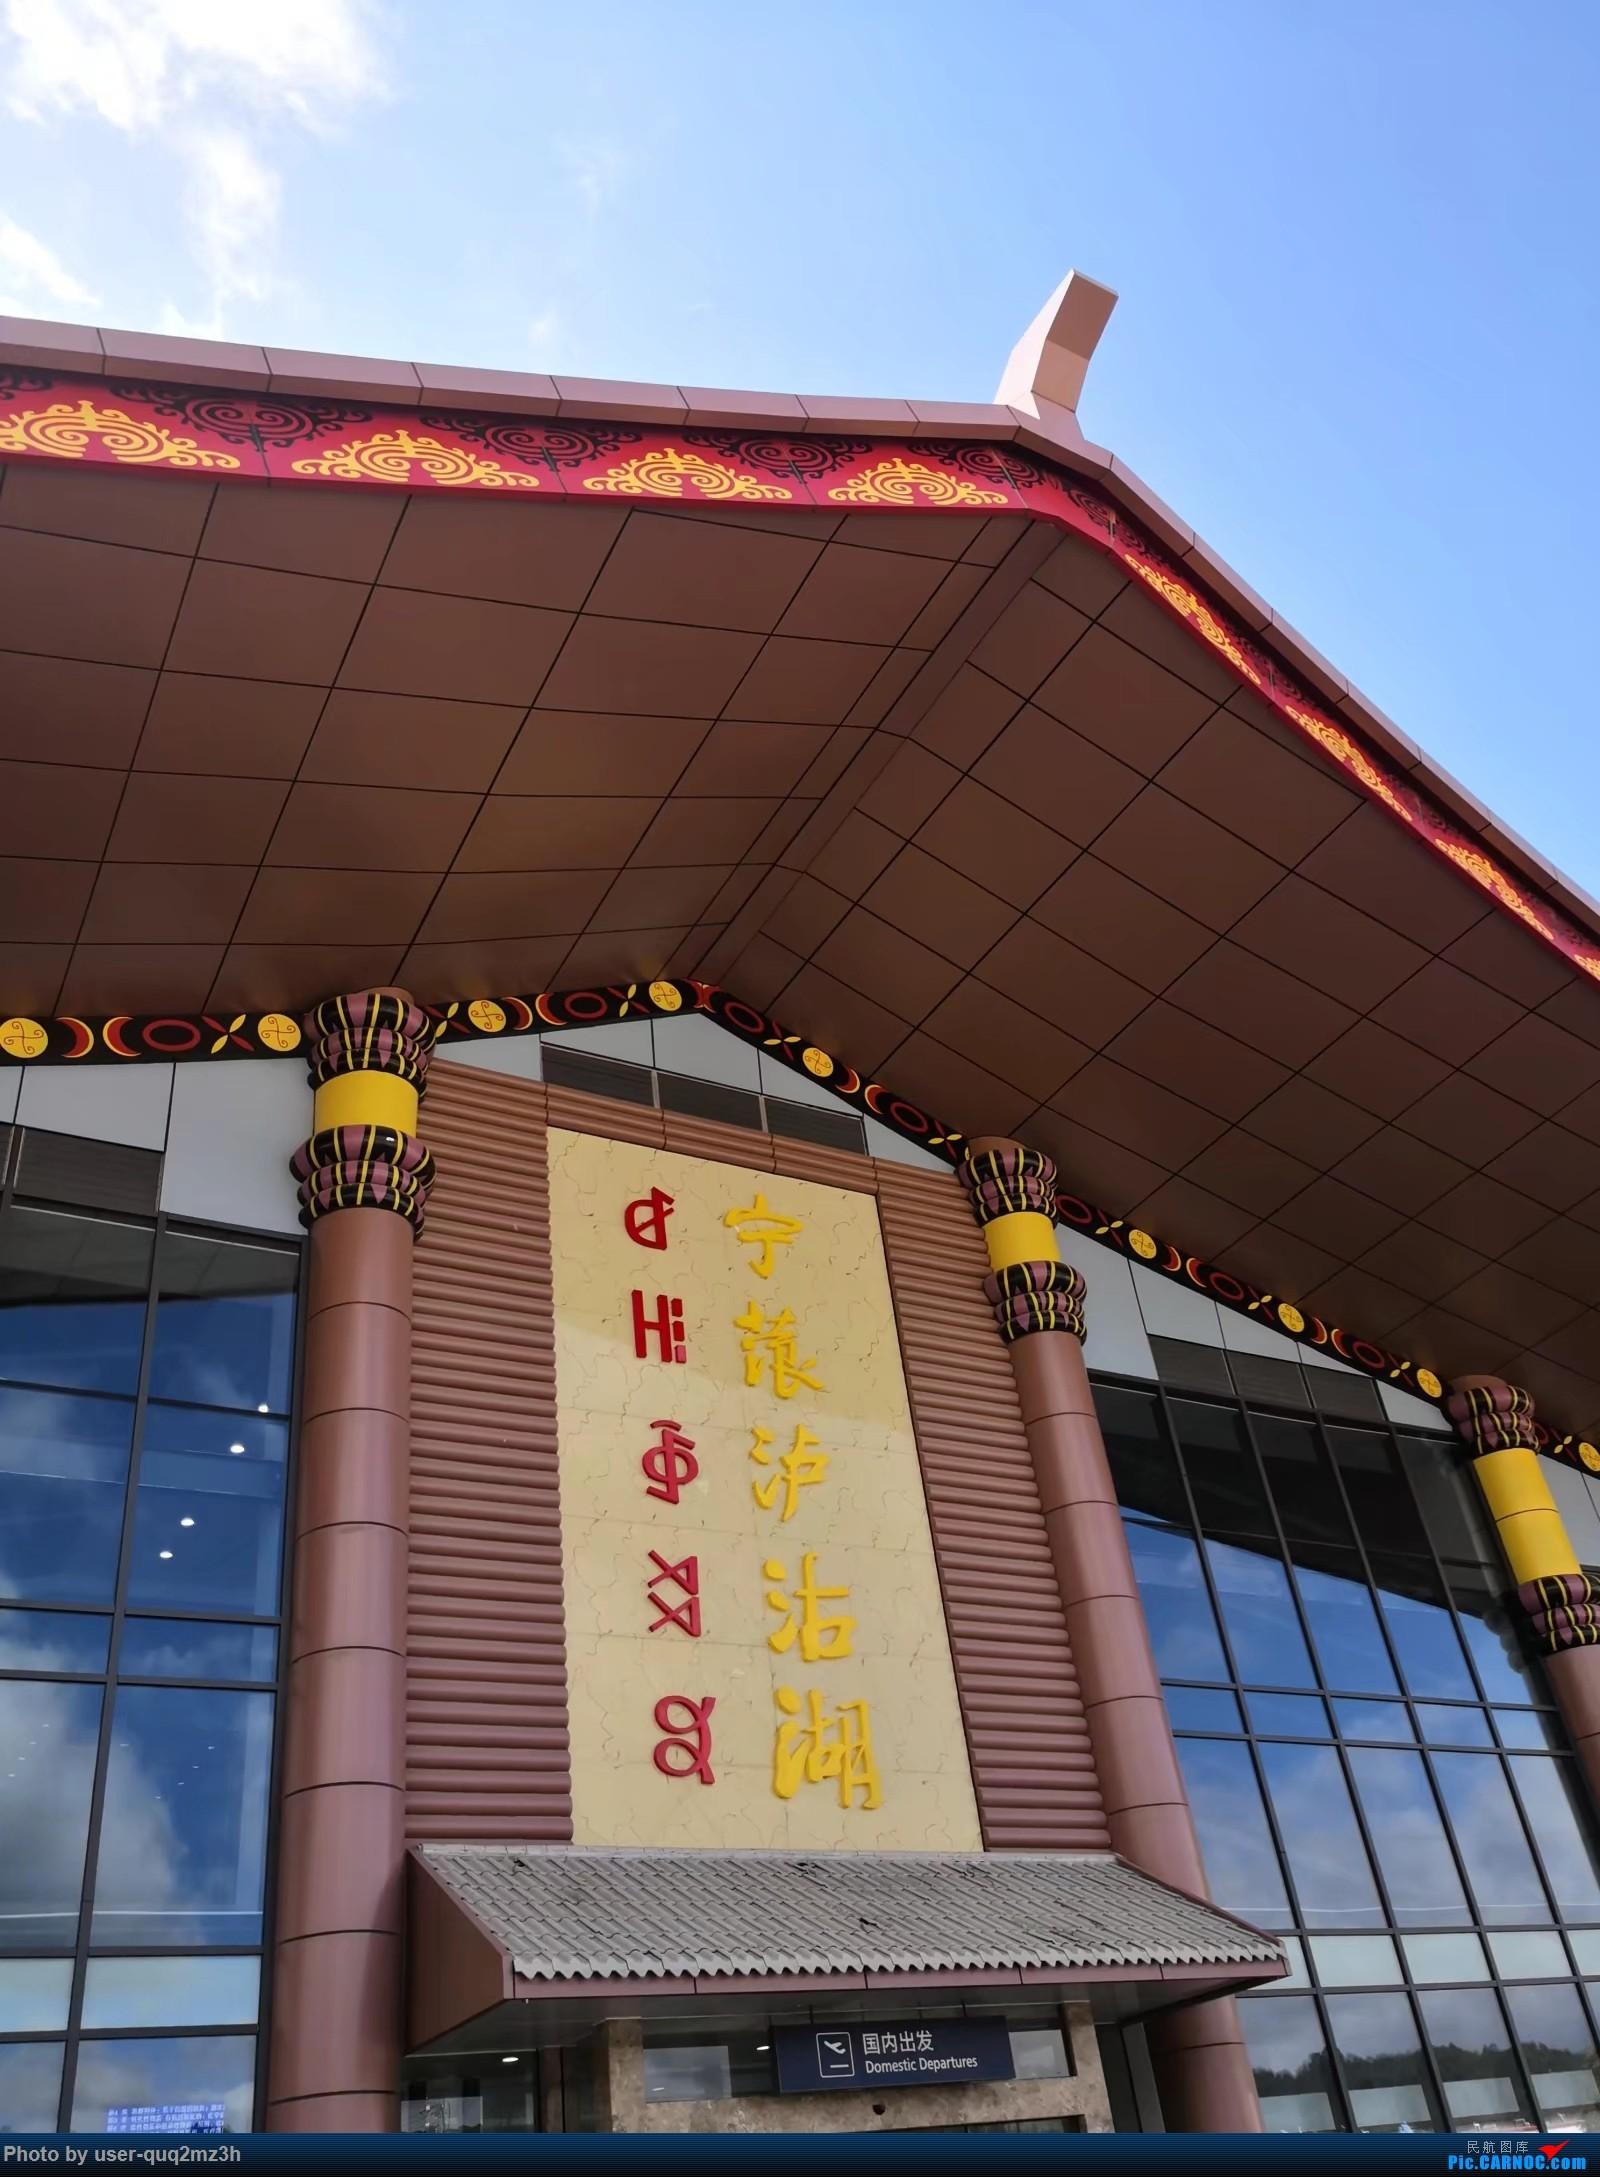 Re:首發寧蒗瀘沽湖機場KMG-NLH-KMG